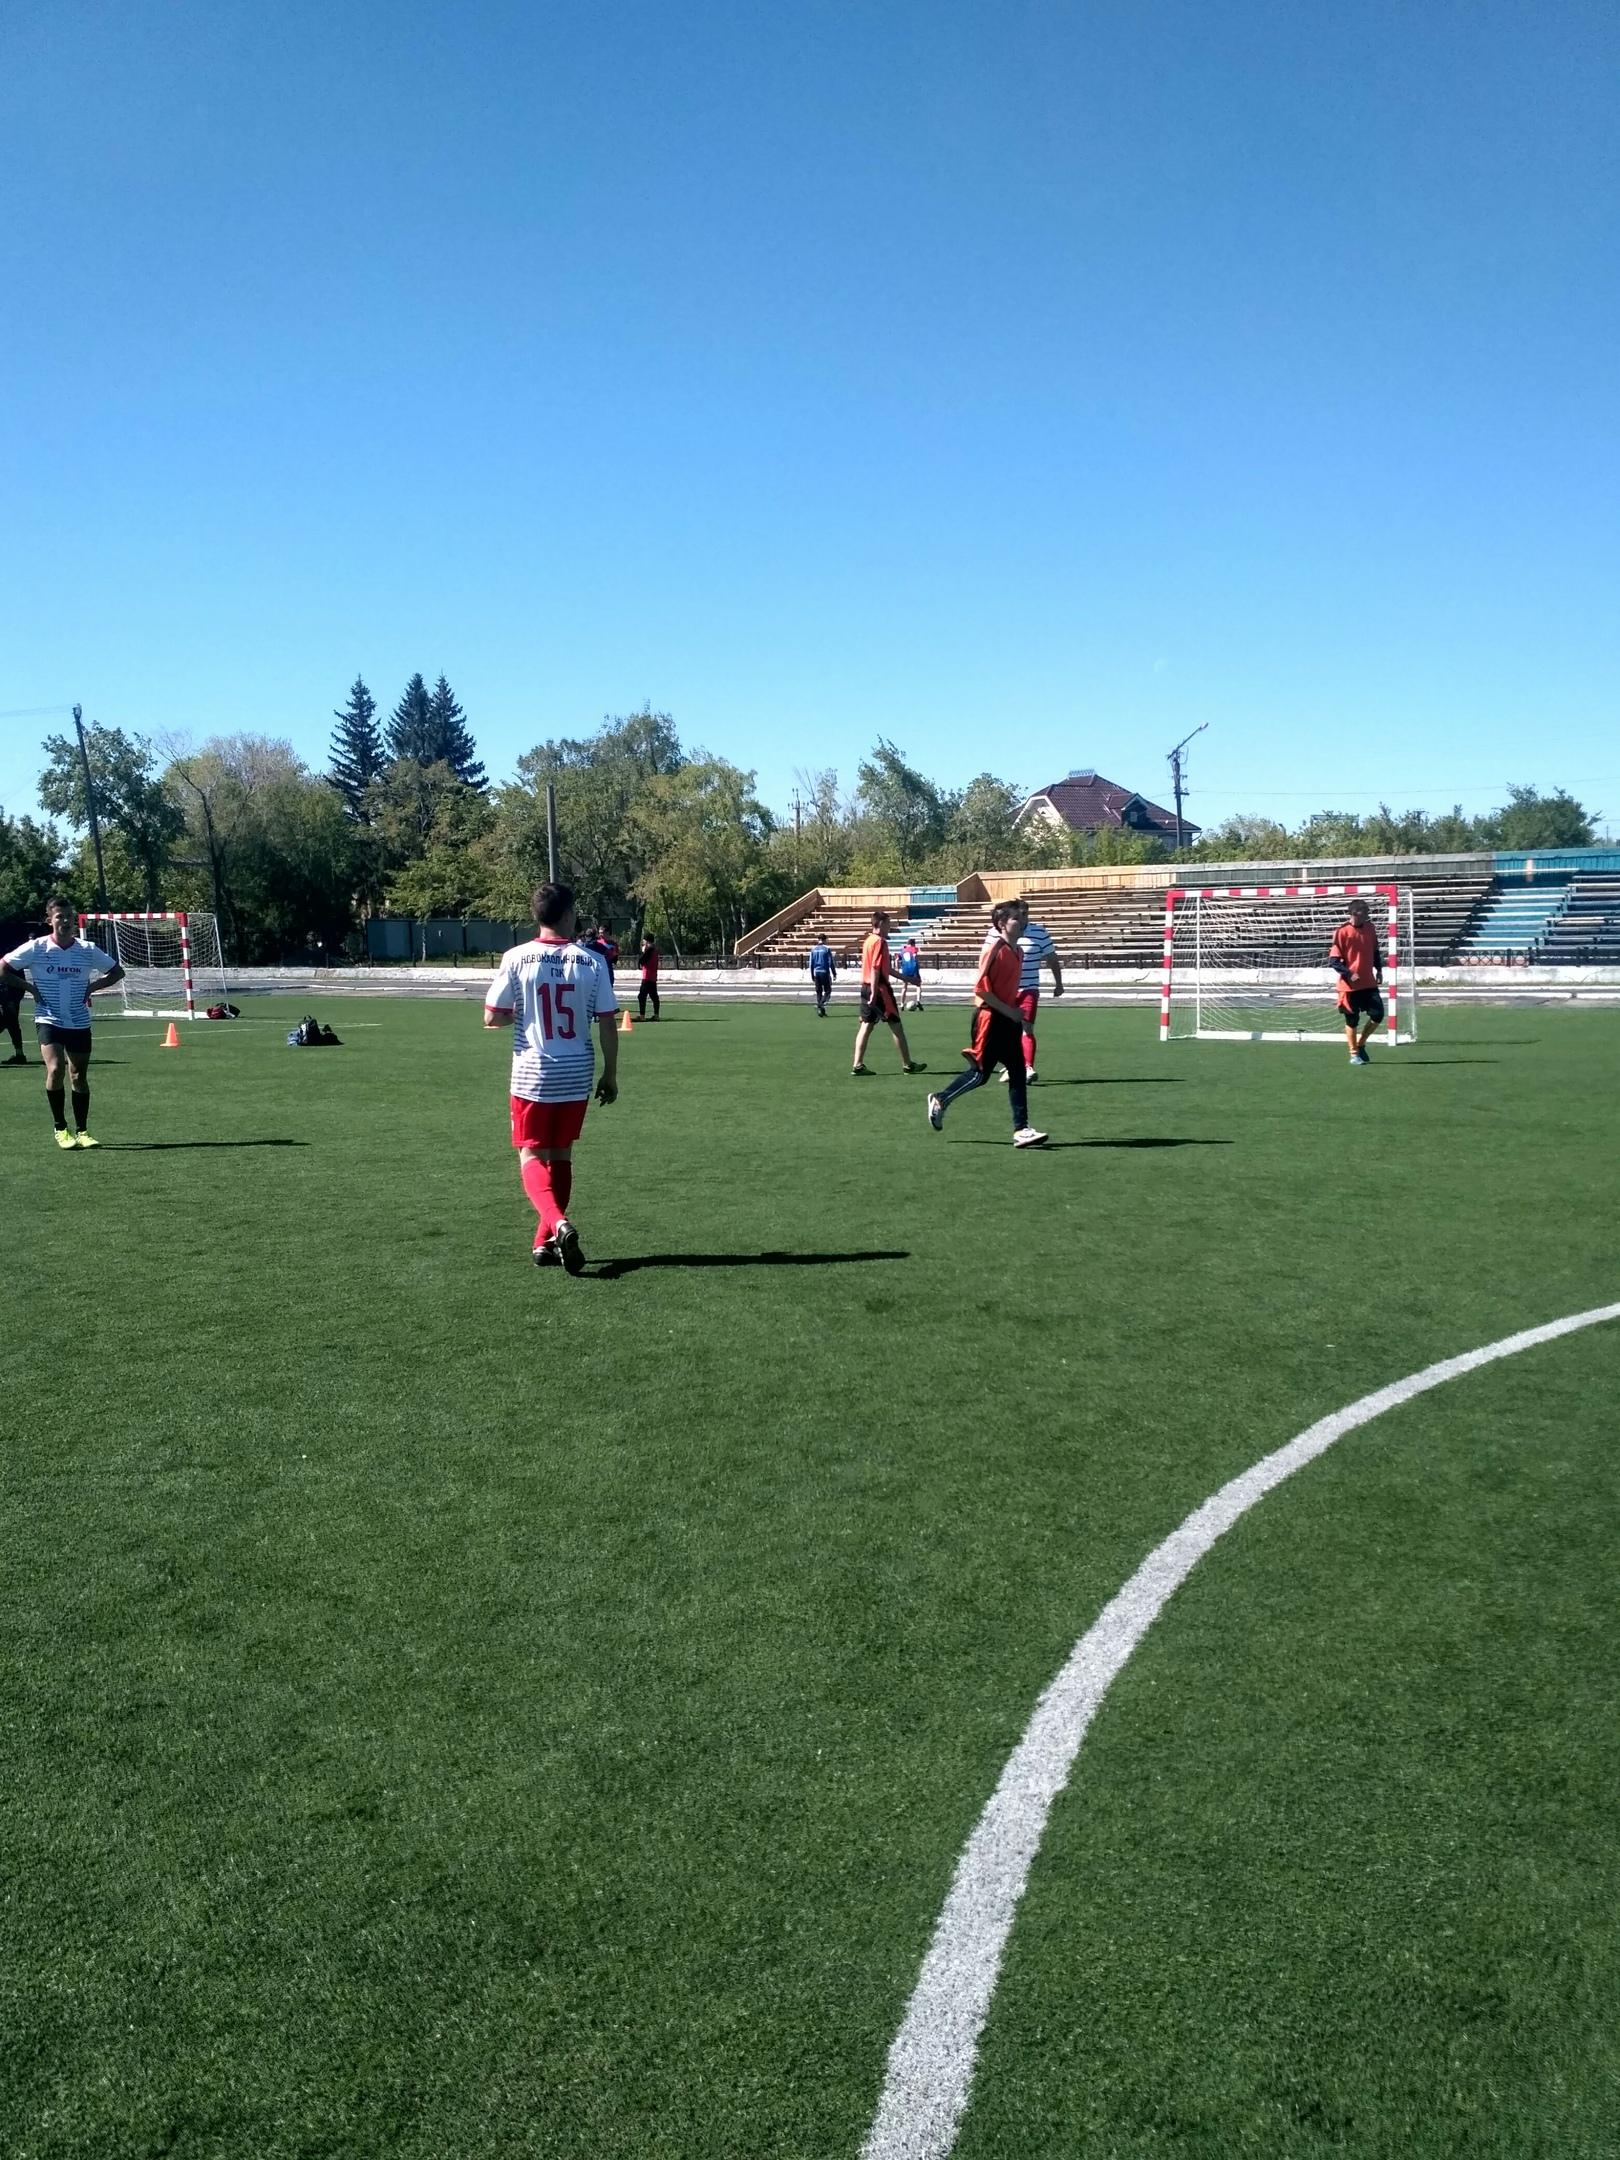 26 мая 2019 года на Спортивном комплексе «Локомотив» проводились зональные соревнования по мини-футболу среди мужских команд сельских поселений в зачет 13 спартакиады Карталинского района. В соревнованиях приняло участие 9 команд.